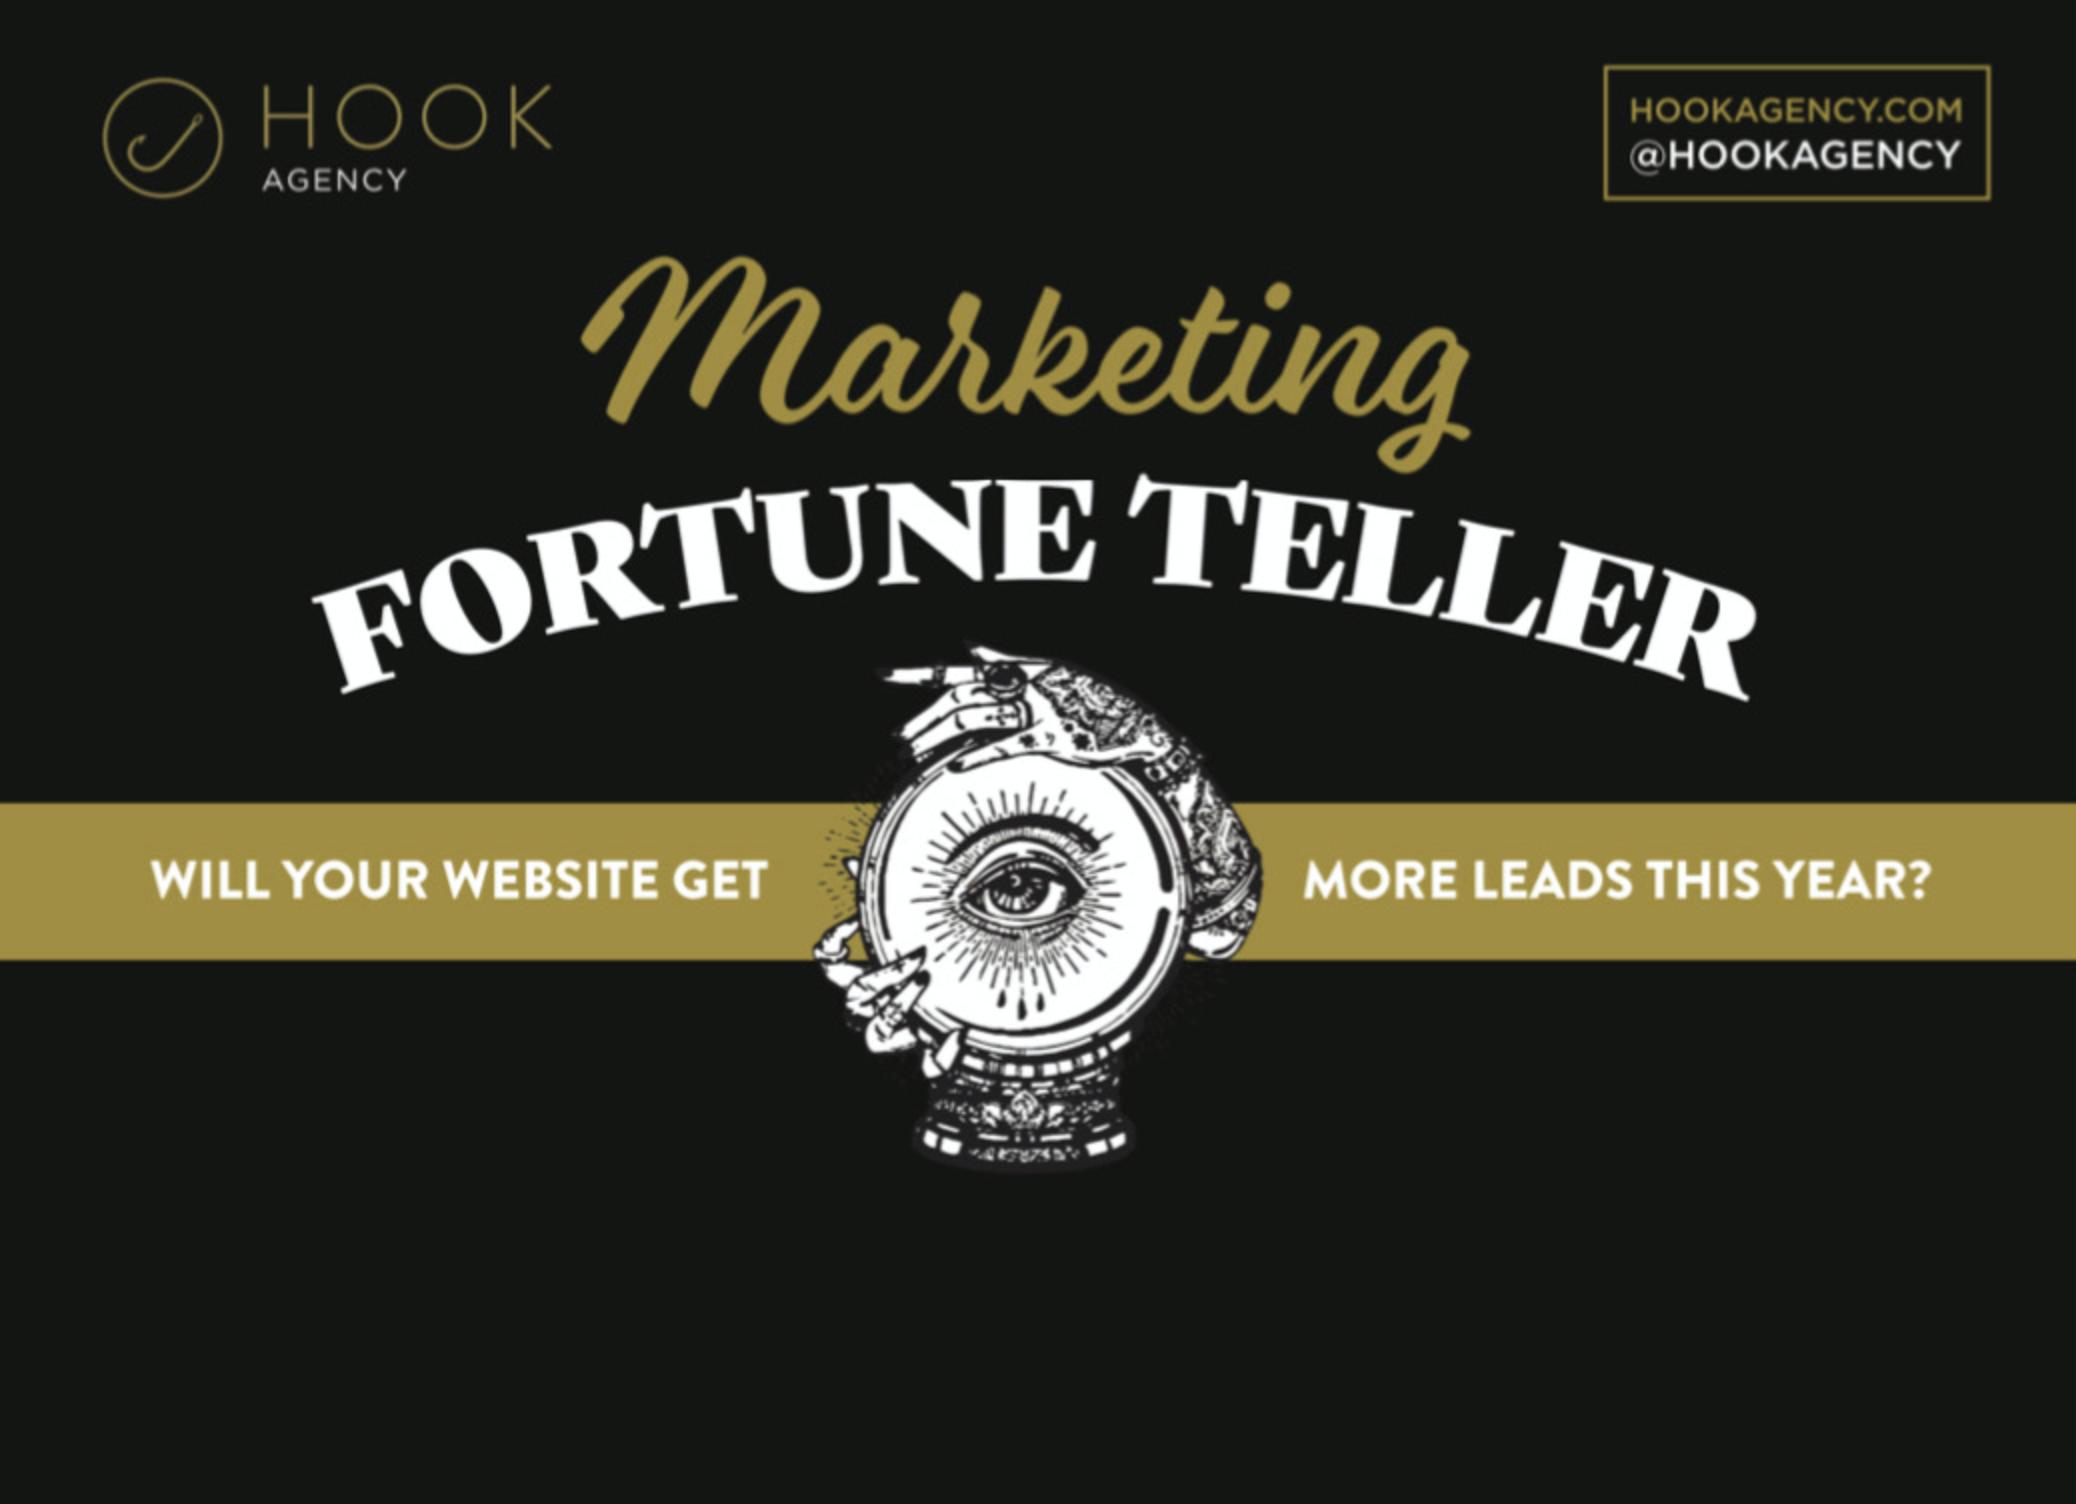 Hook Agency - Marketing Fortune Teller